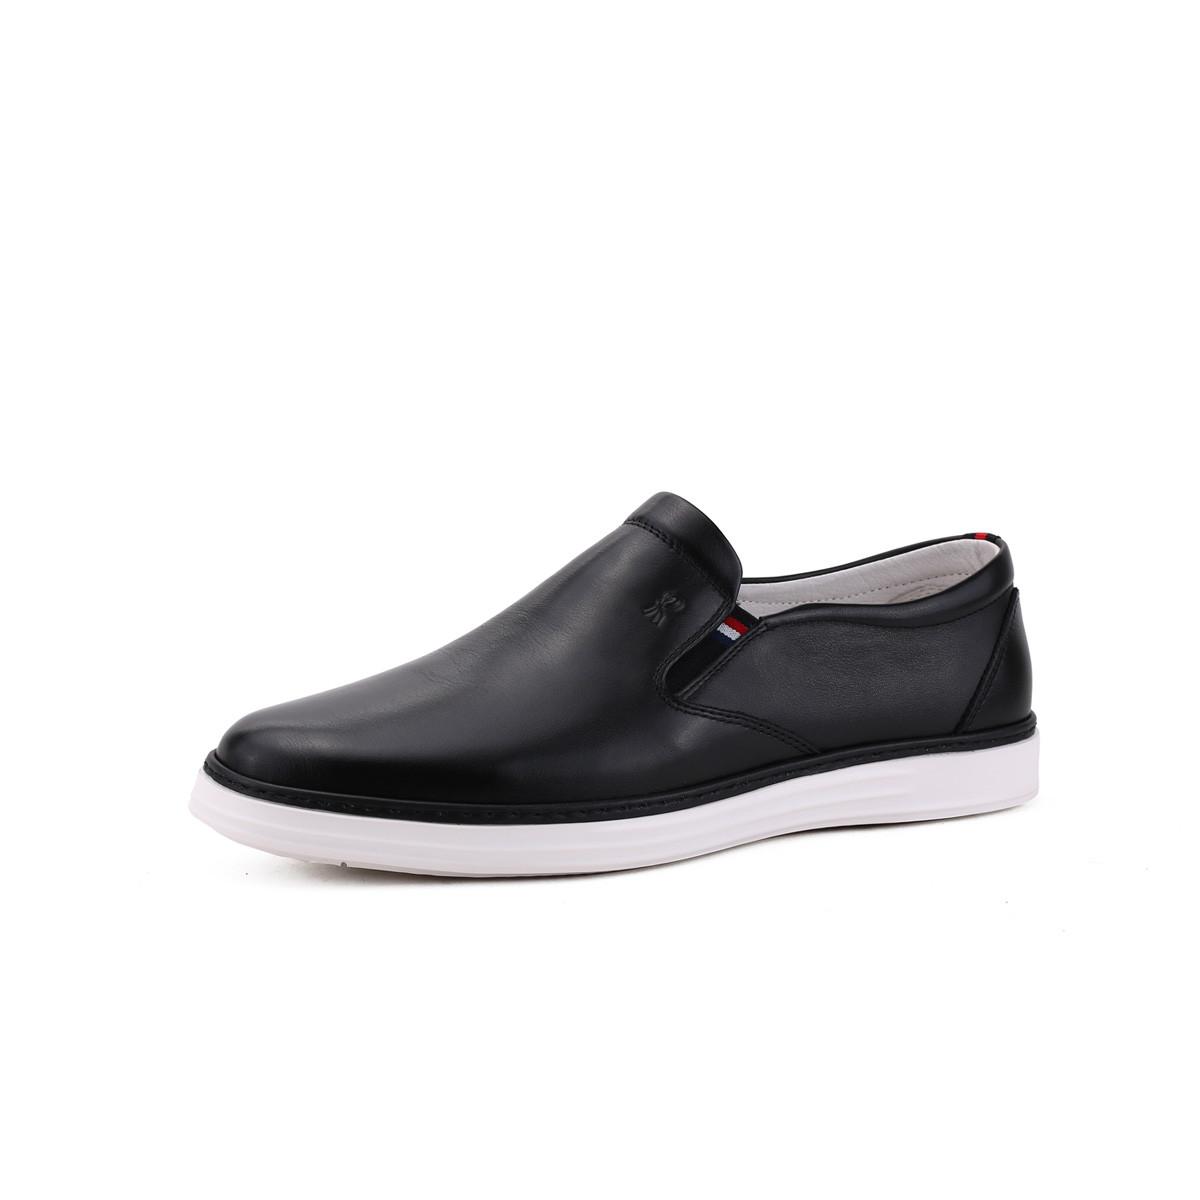 诺贝达2019新款 小牛皮时尚 一脚蹬男士休闲鞋男鞋WRJ89002A